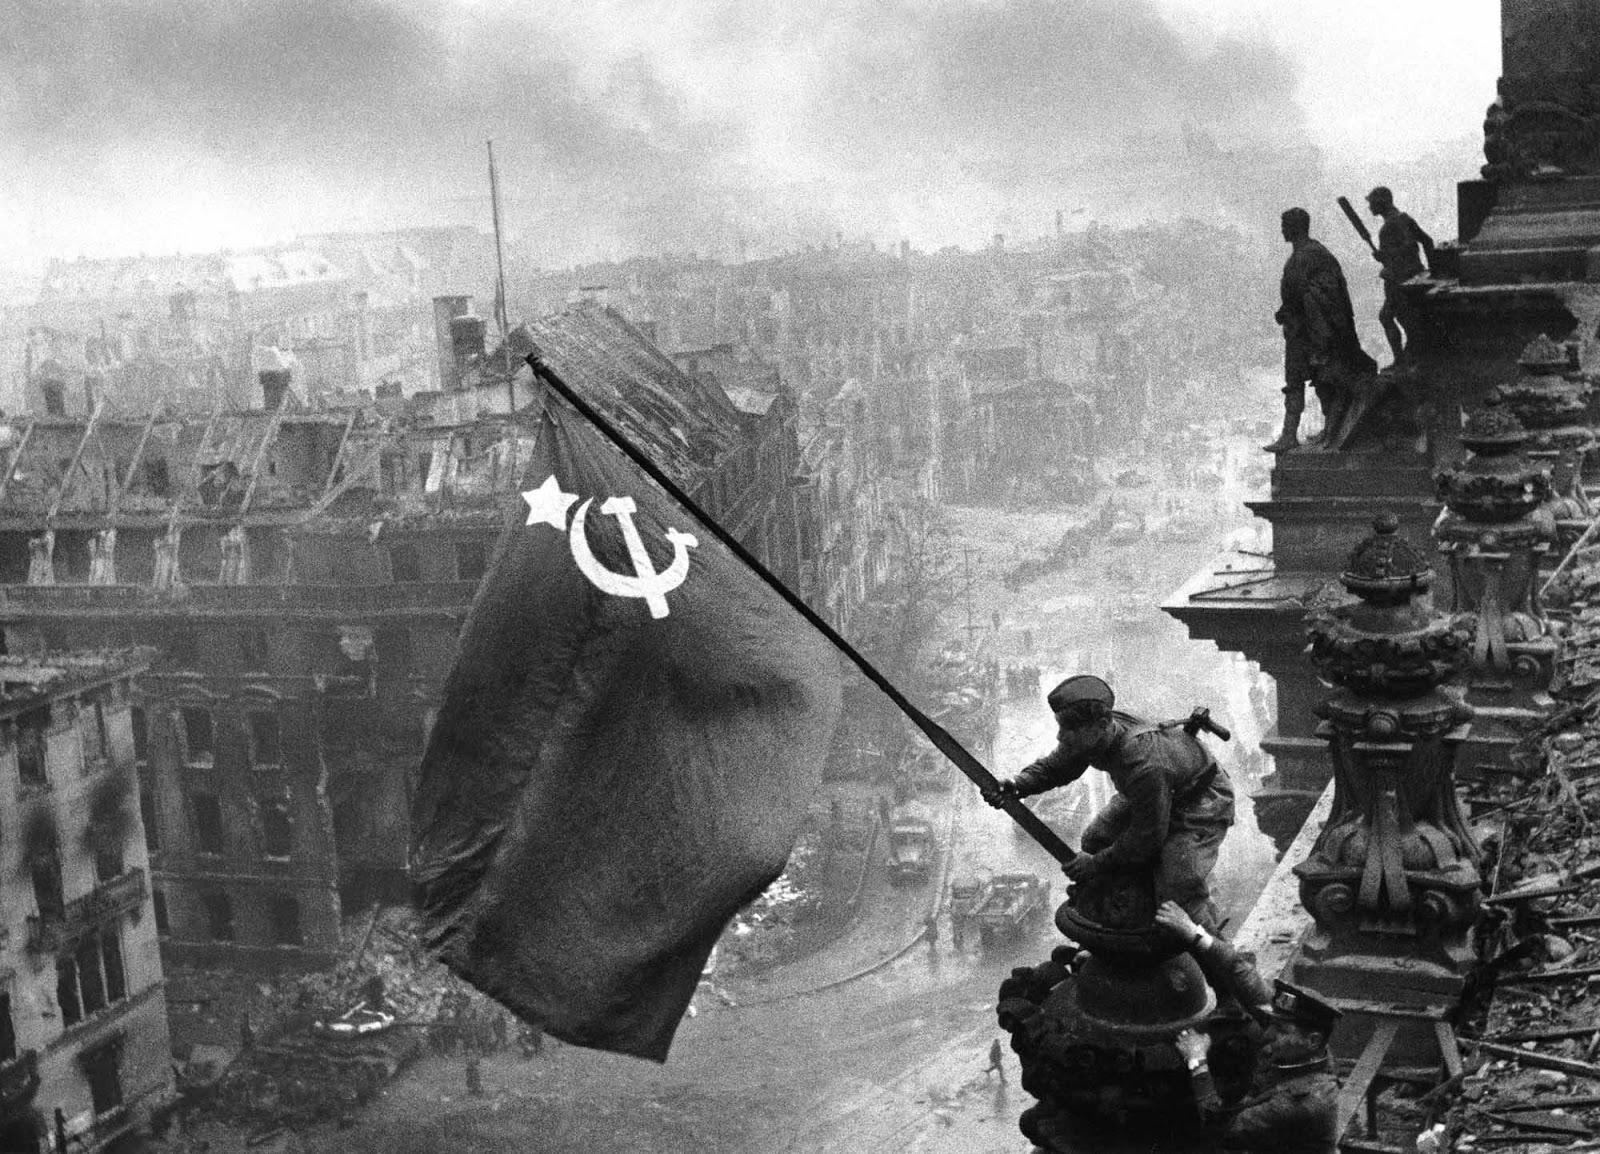 الجندي السوفياتي الثاني يحمل ساعة في كل يد